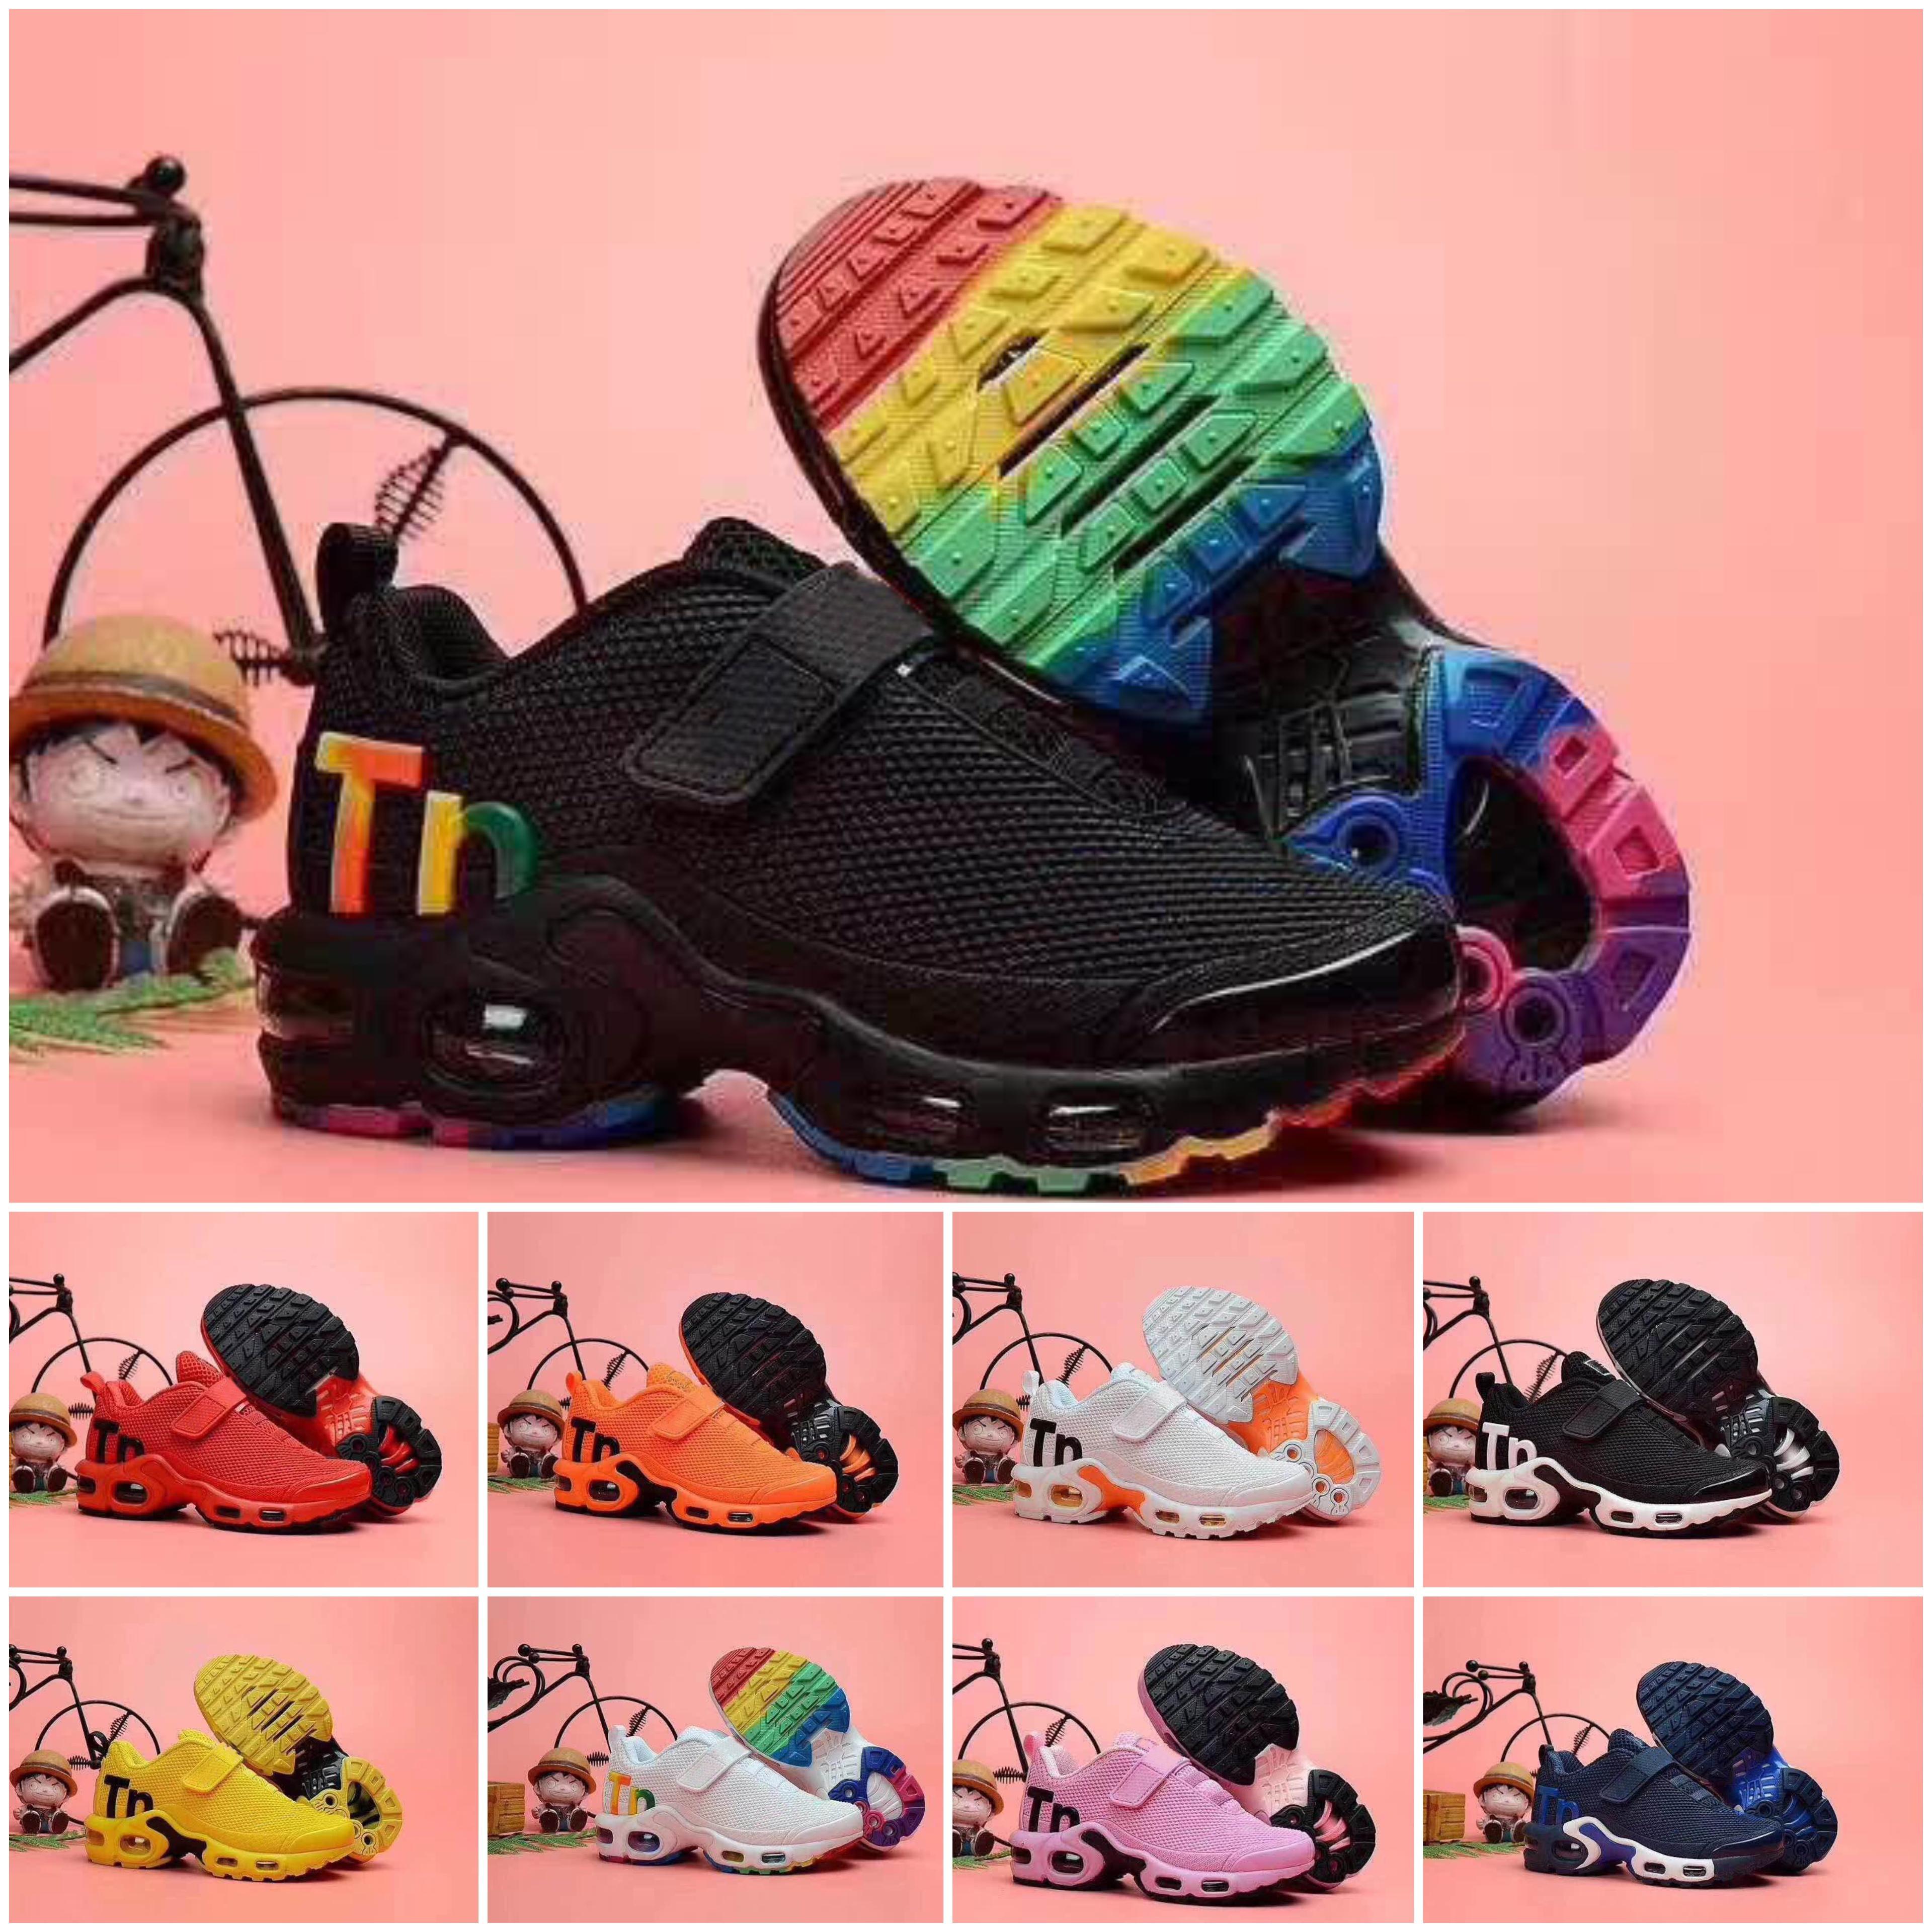 Nike Air TN Plus Nuovi bambini più tn ragazza del ragazzo dei bambini del genitore-bambino scarpe da ginnastica per la moda bambino sneaker nero più bianco che funziona da